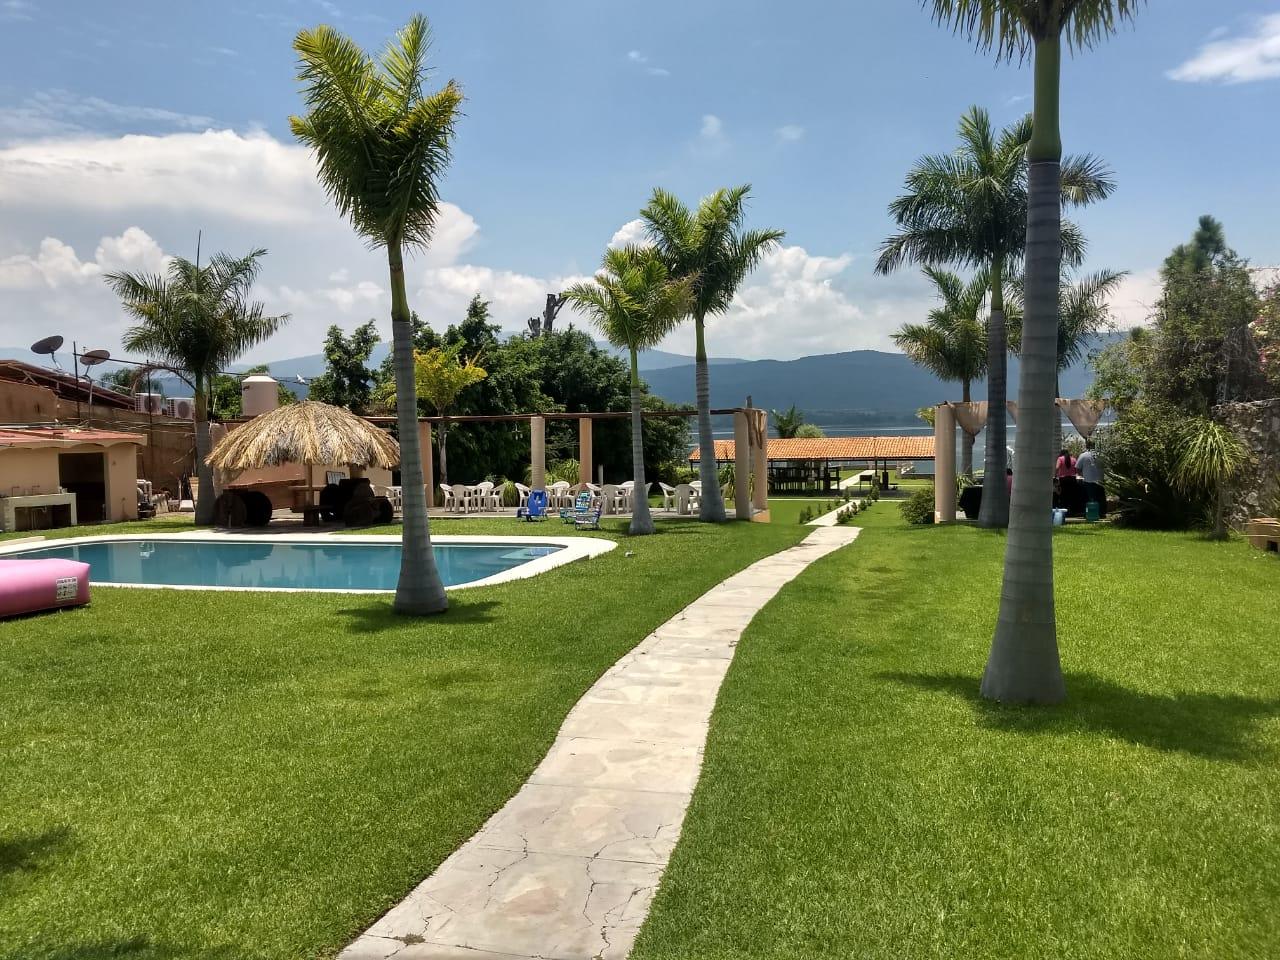 Imagen 4 del espacio Quinta Lago Cajititlán en Tlajomulco, México